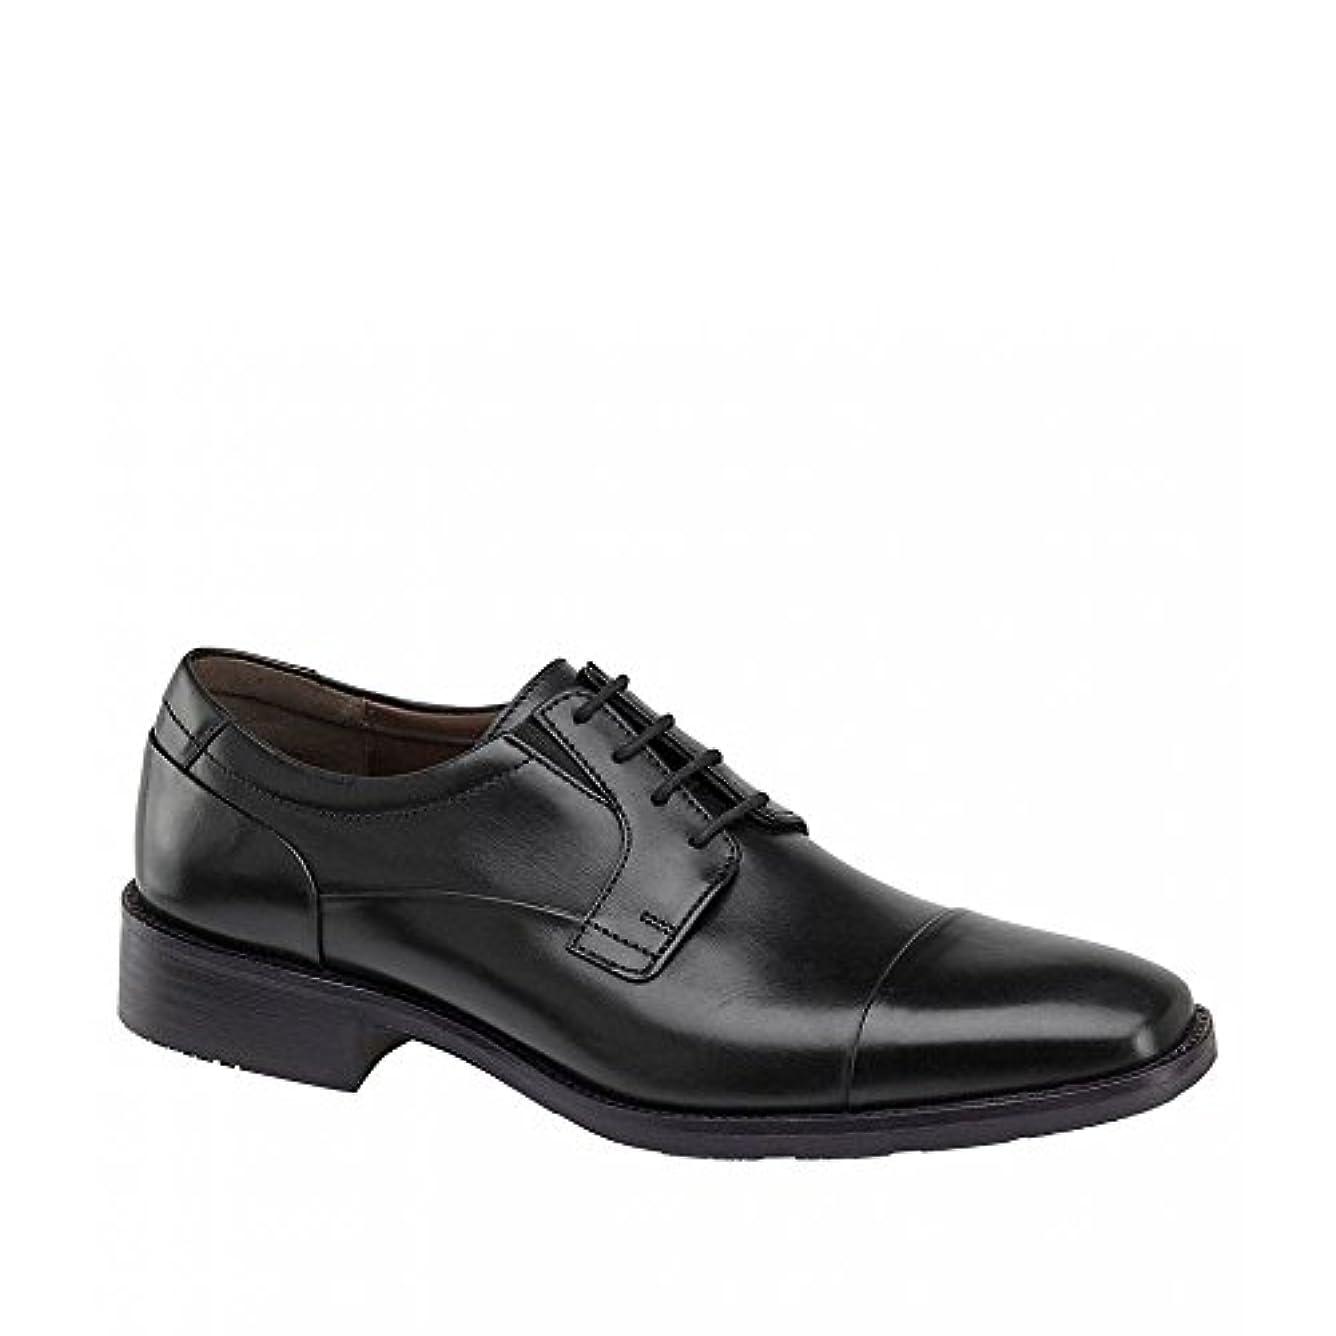 予約責めるスケルトン(ジョンストン&マーフィー) Johnston & Murphy メンズ シューズ?靴 革靴?ビジネスシューズ Lancaster Cap Toe Oxfords [並行輸入品]